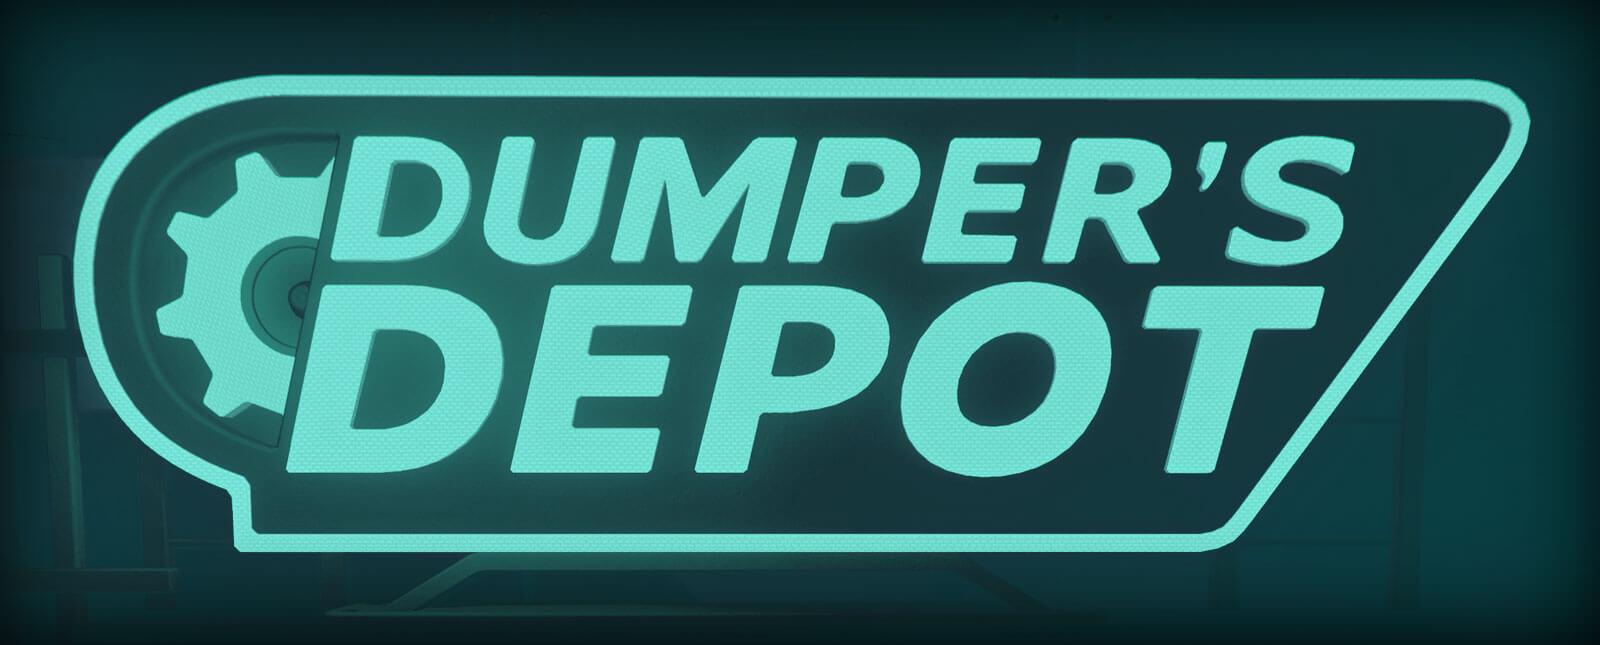 Star Citizen Dumpers Depot: Schiffsteile kaufen